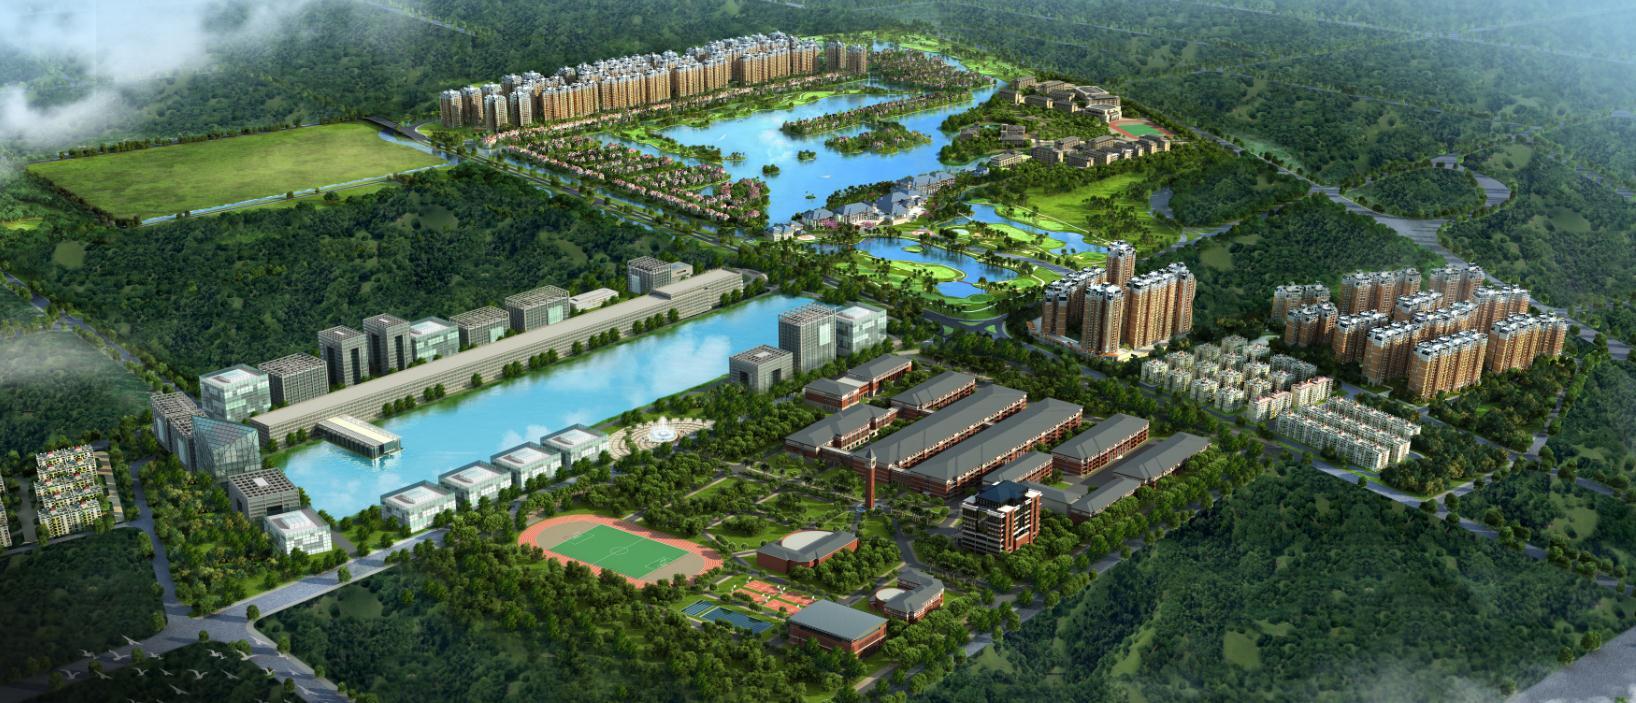 中山市民森房地产发展有限公司(居安美建筑装饰工程)_才通国际人才网_job001.cn